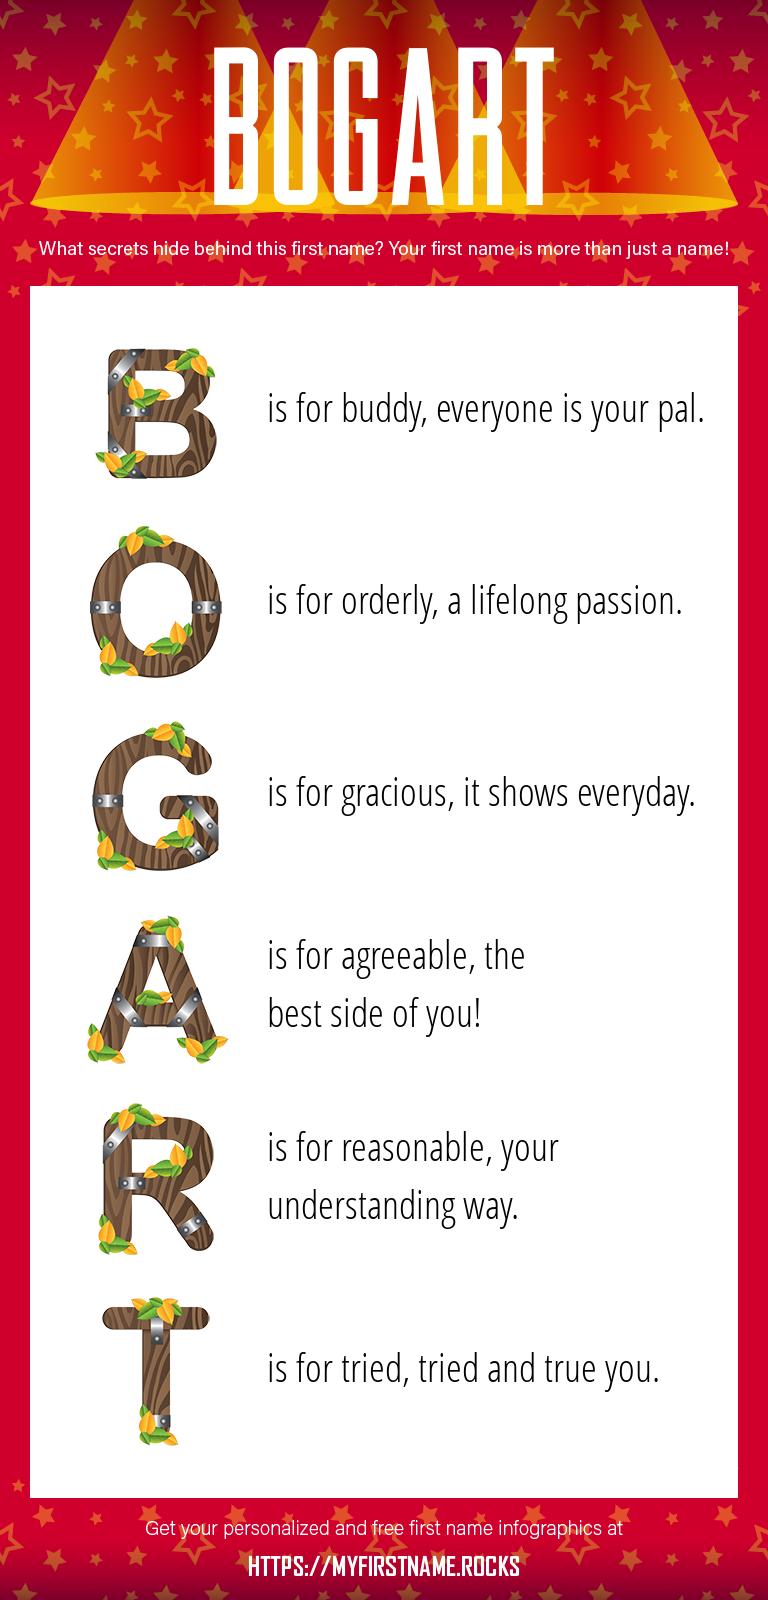 Bogart Infographics